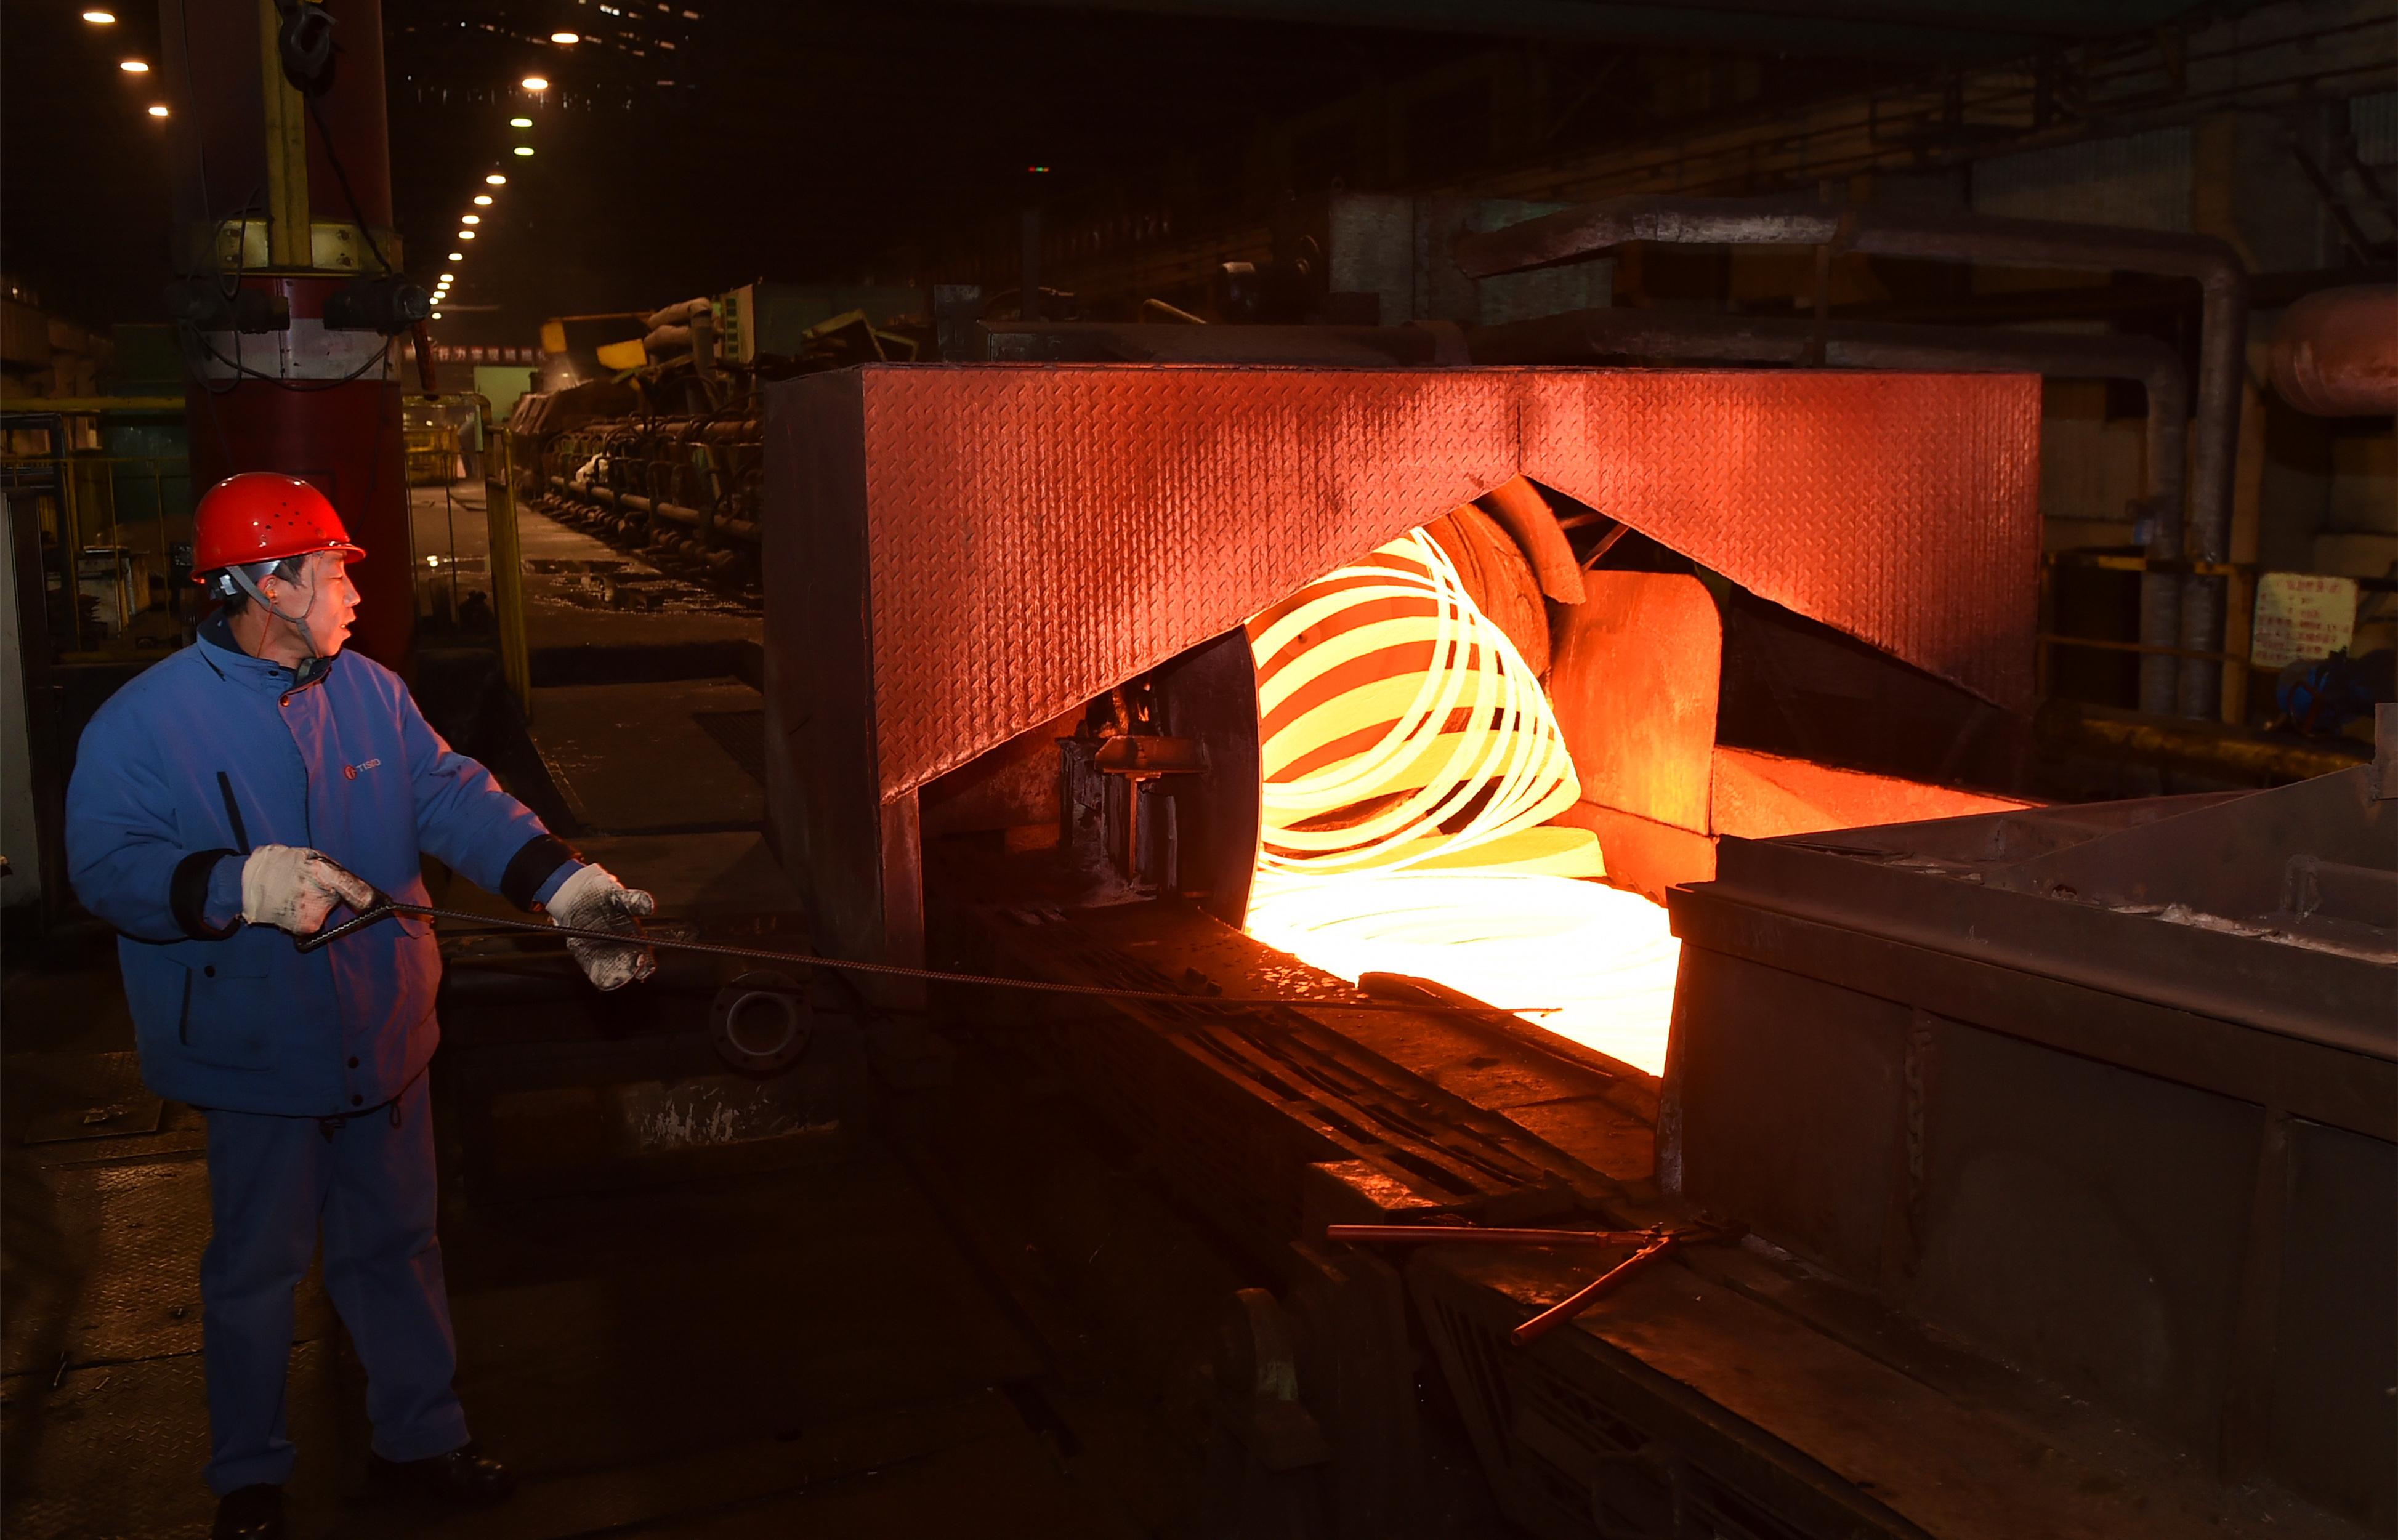 """工人在太钢集团""""笔尖钢""""钢丝生产线上工作(2017年1月10日摄)。 新华社记者 曹阳 摄.JPG"""